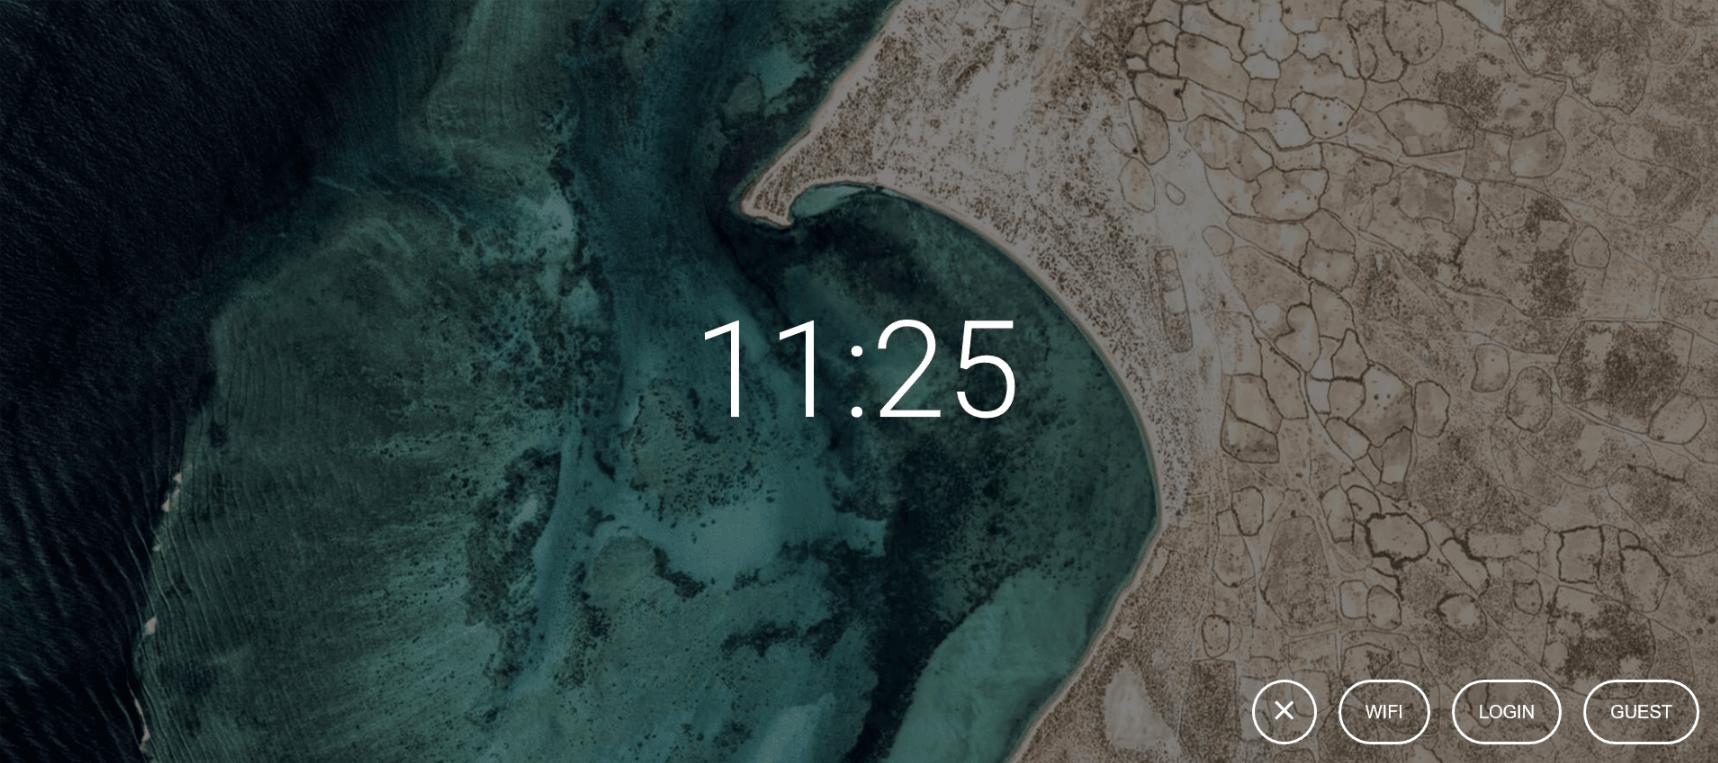 Możesz sprawdzić w przeglądarce, jak będzie wyglądał nowy system Google - Fuchsia 18